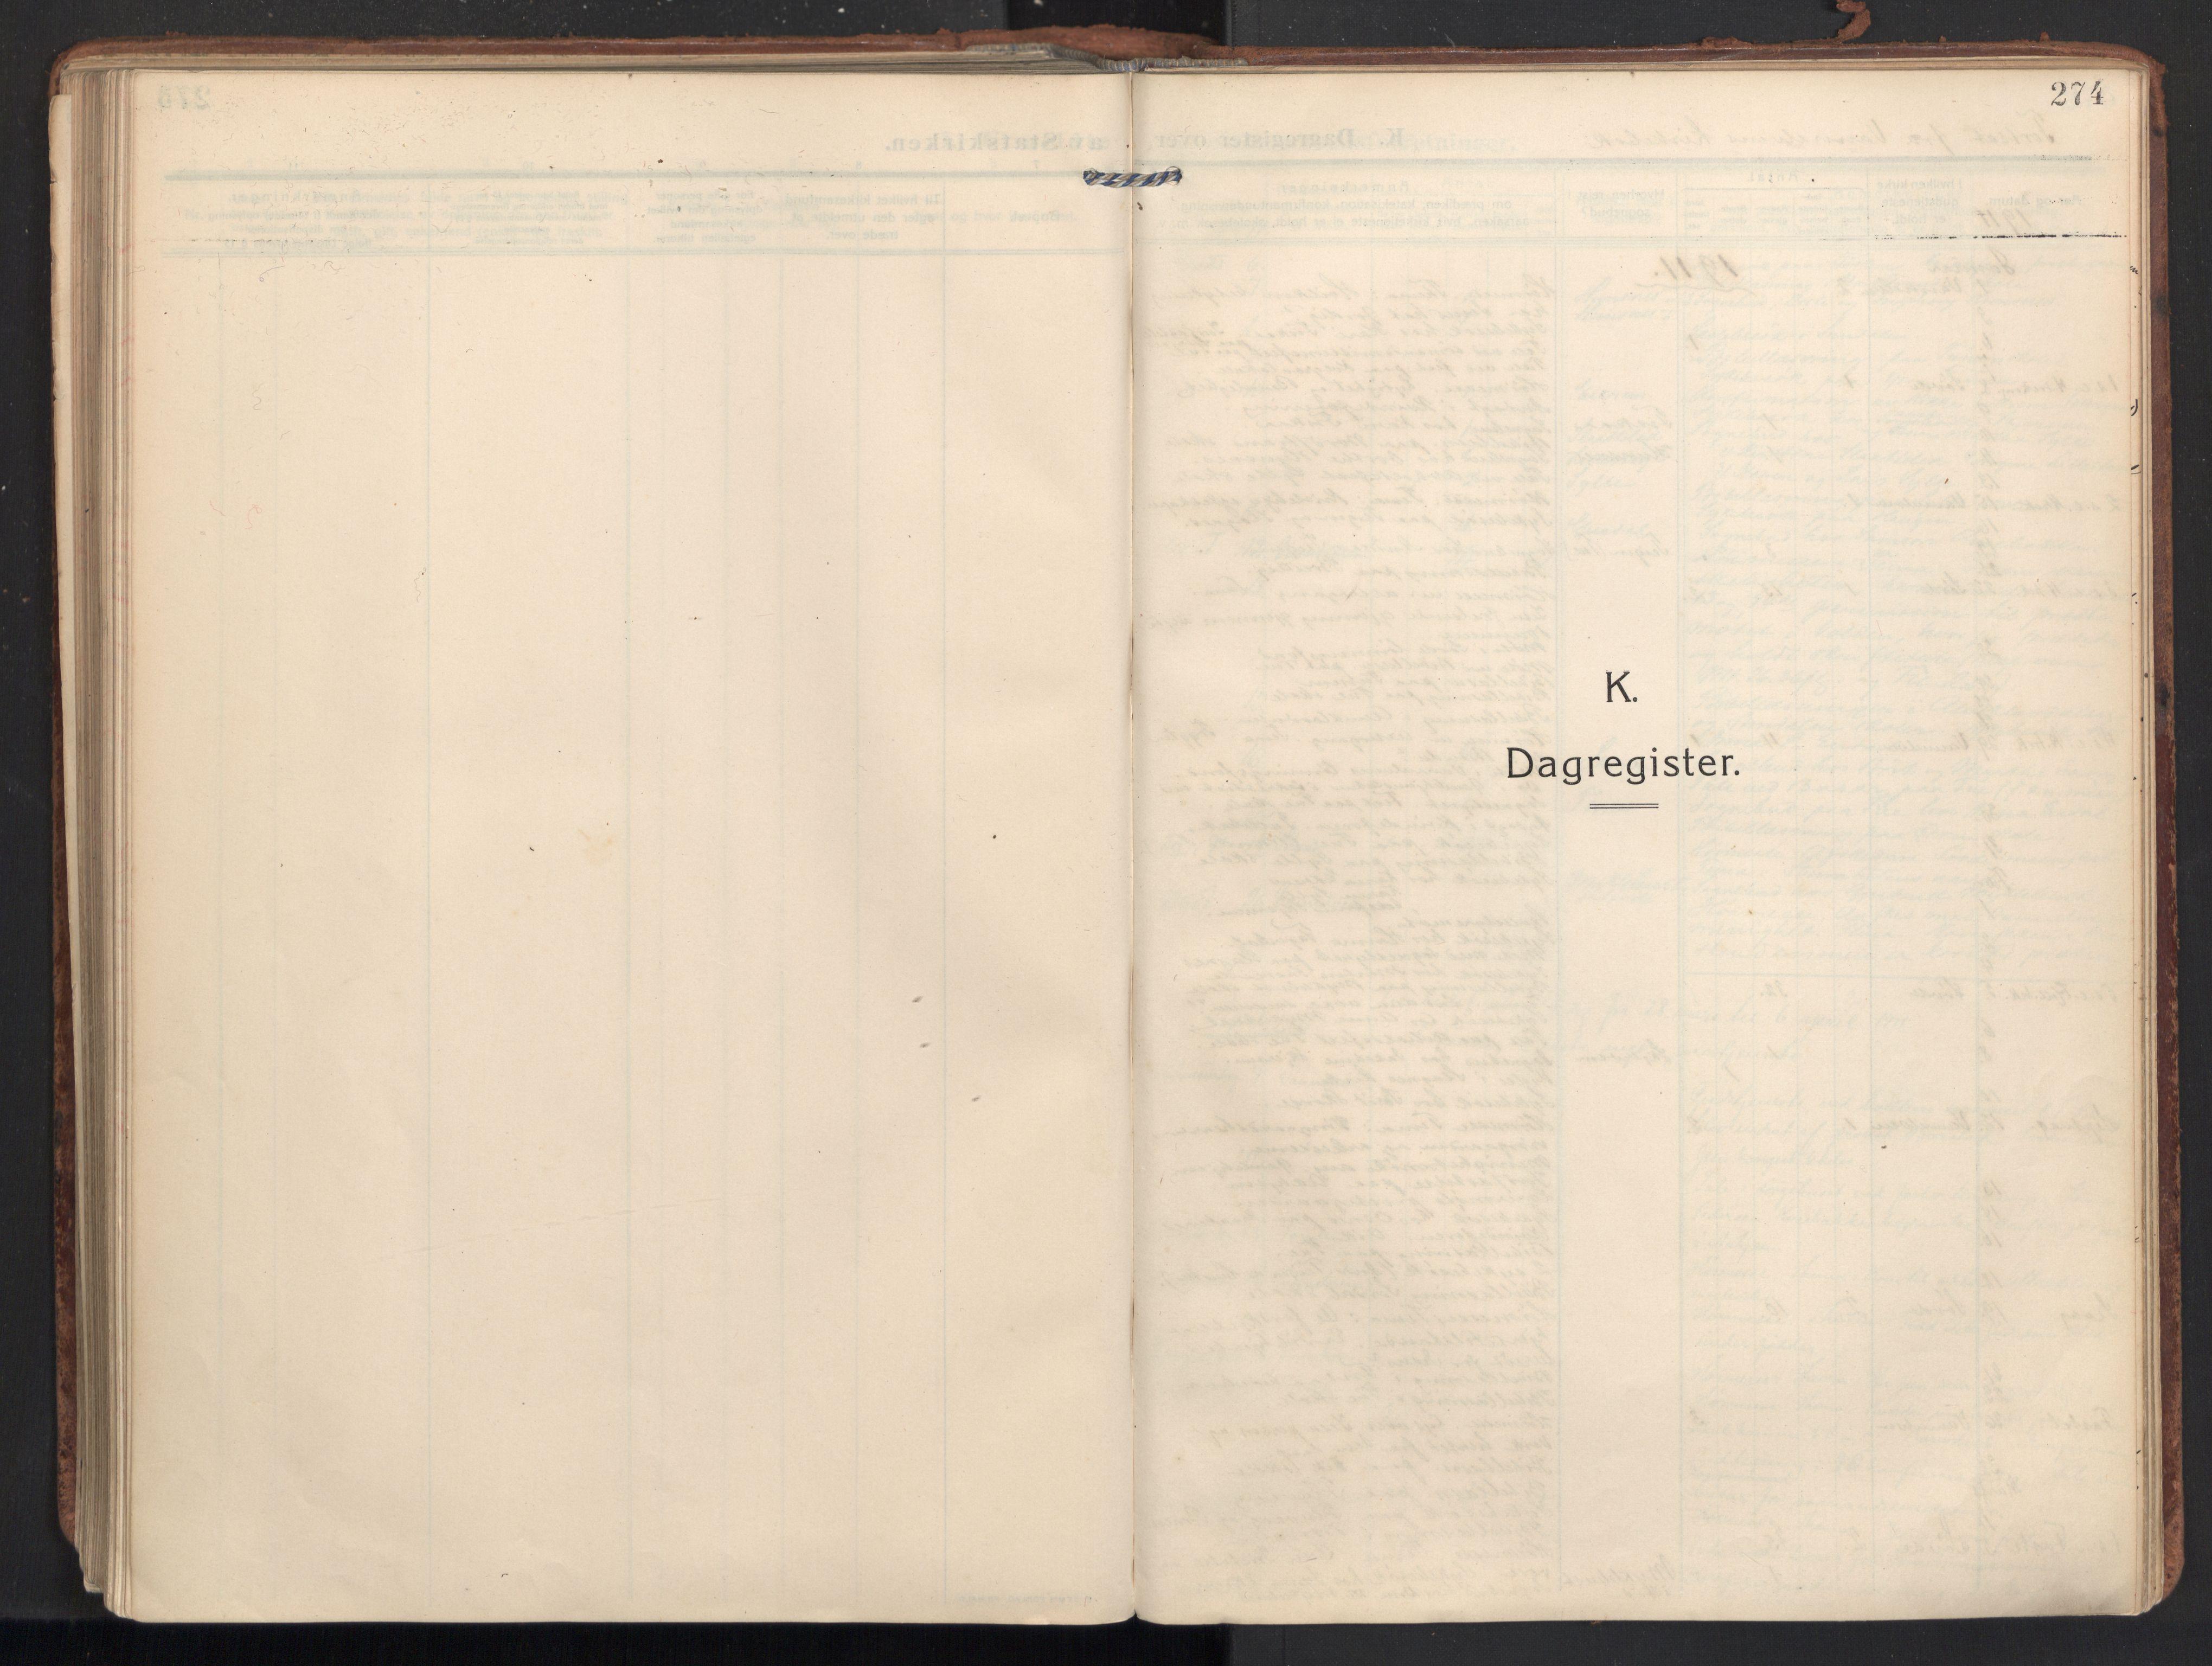 SAT, Ministerialprotokoller, klokkerbøker og fødselsregistre - Møre og Romsdal, 502/L0026: Ministerialbok nr. 502A04, 1909-1933, s. 274